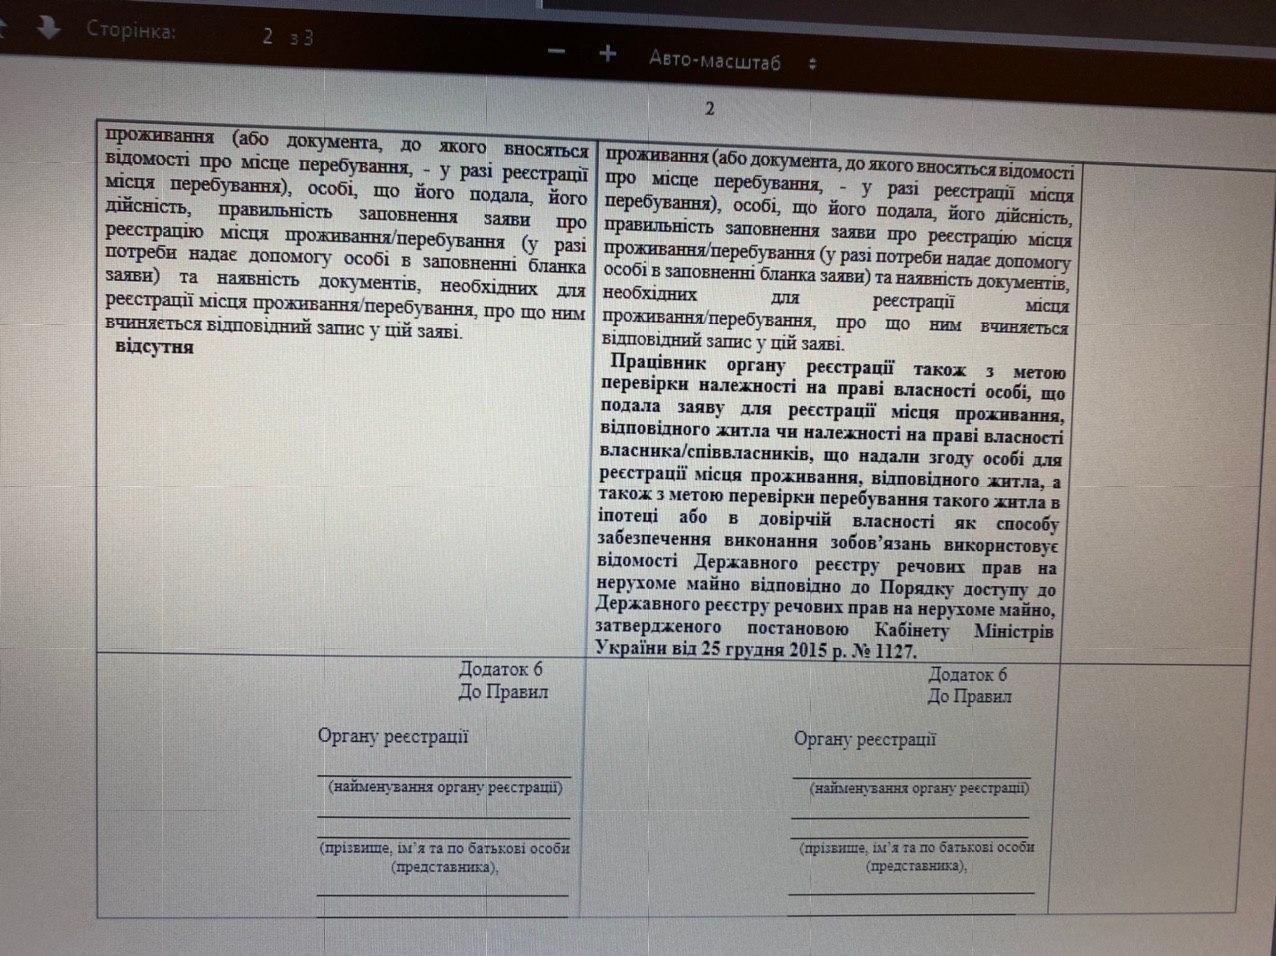 В Україні змінили правила прописки - зміни - photo 2020 05 27 13 20 38